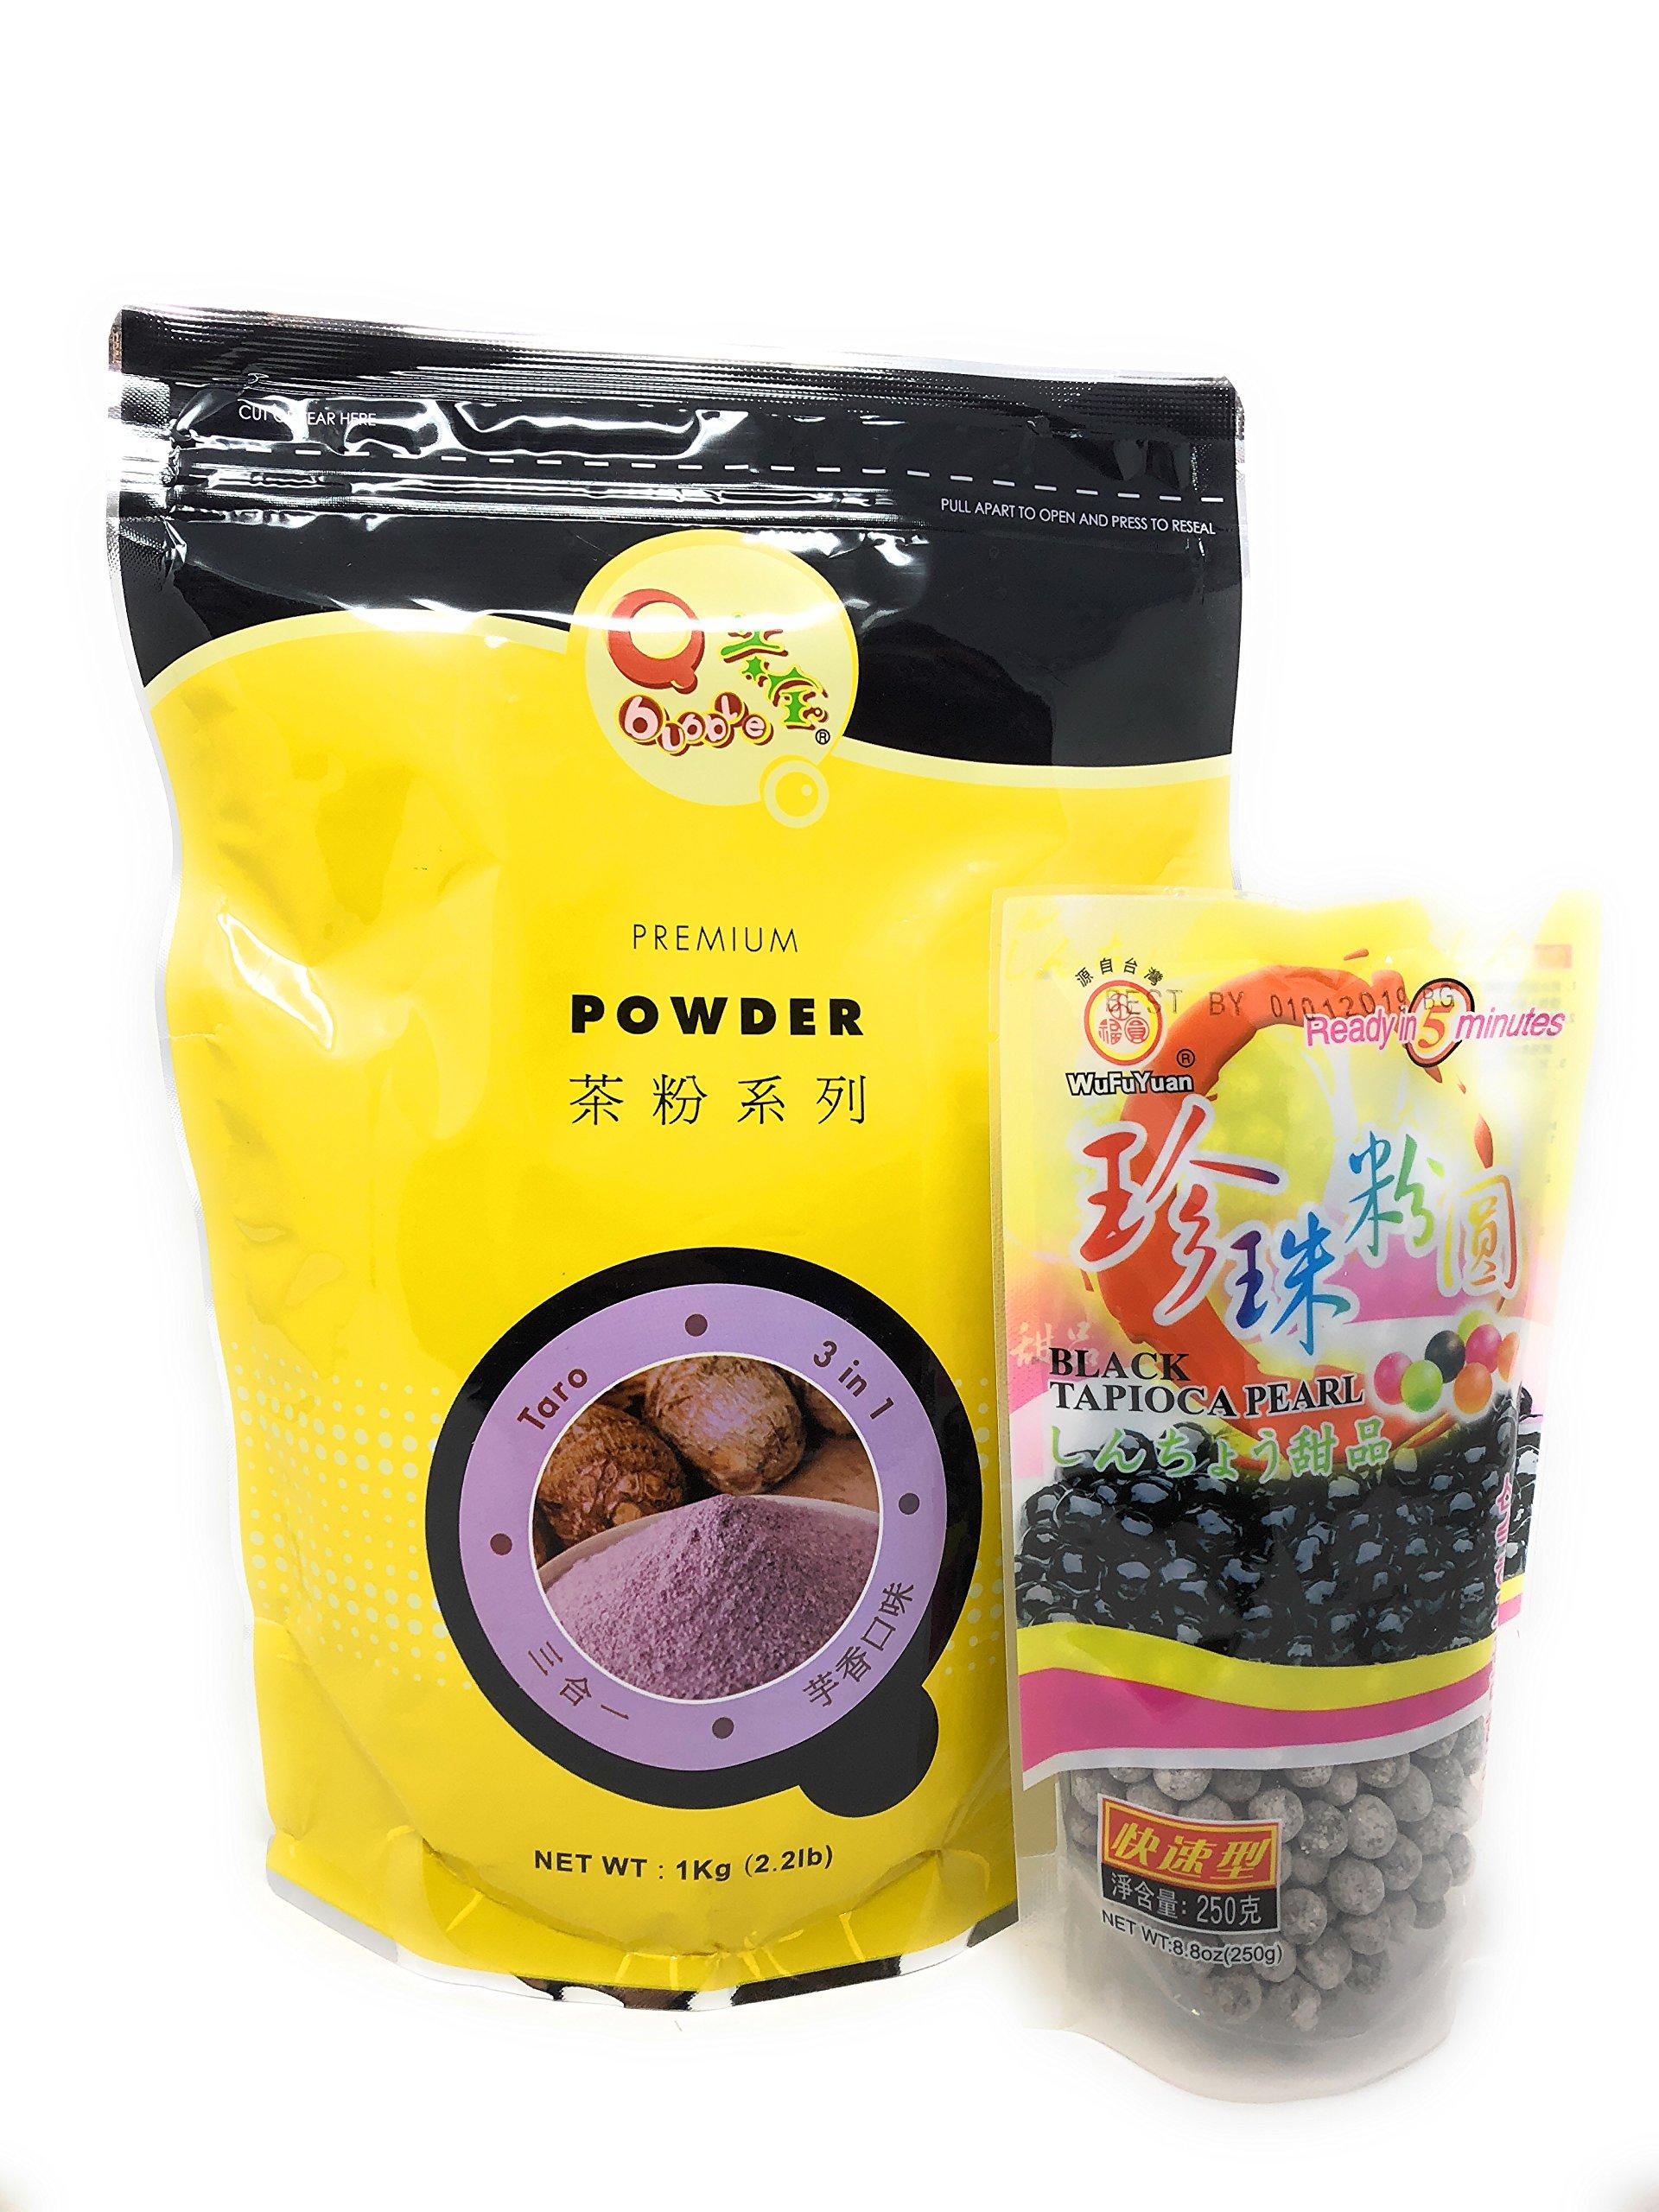 Qbubble Tea Taro Powder, 2.2 Pound & WuFuYuan - Tapioca Pearl (Black) - Net Wt. 8.8 Oz Fusion Select